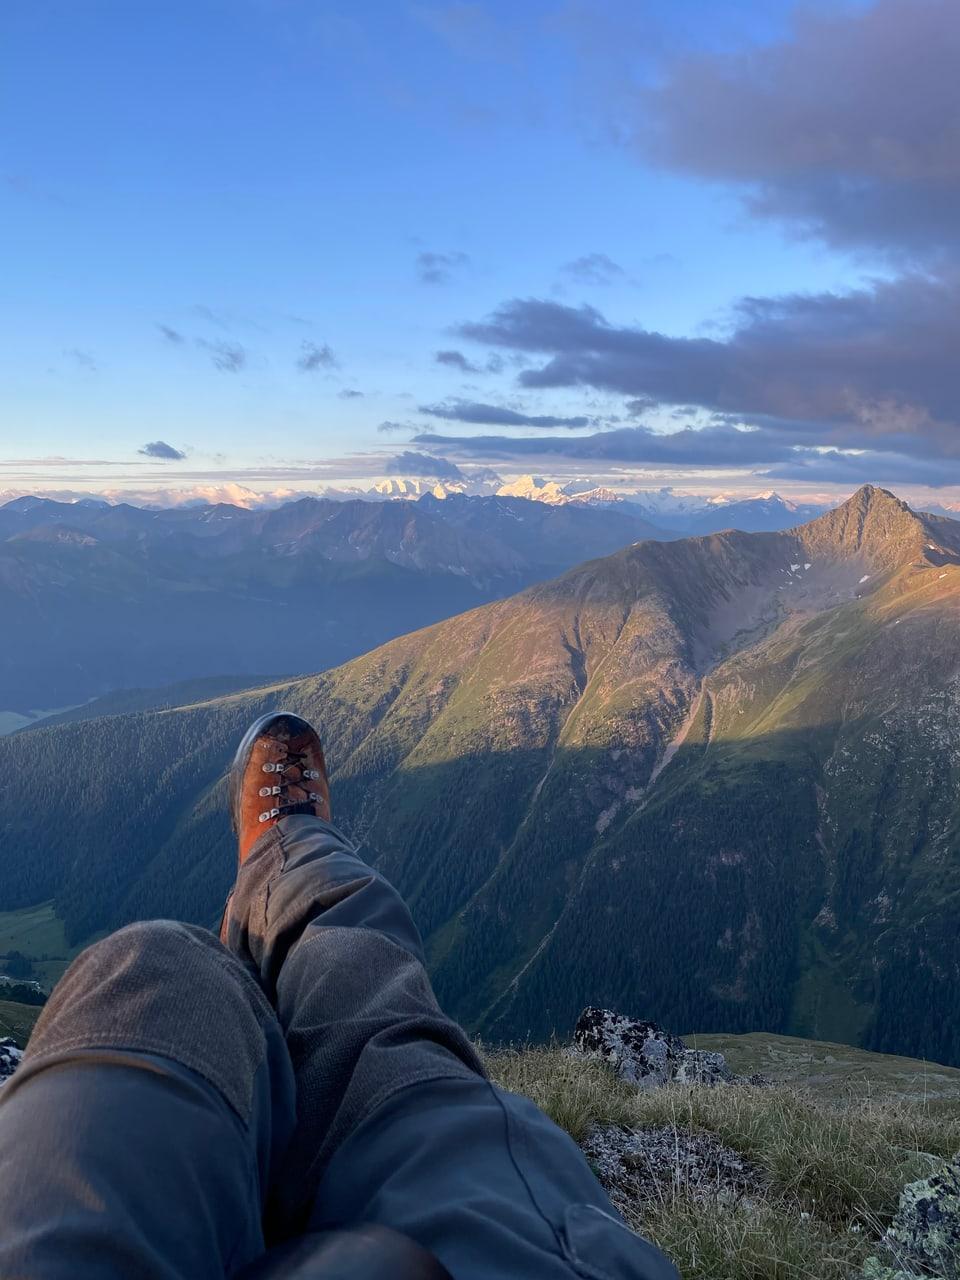 Star si cun quella vista – pernottaziun sin 2800 m s.m.